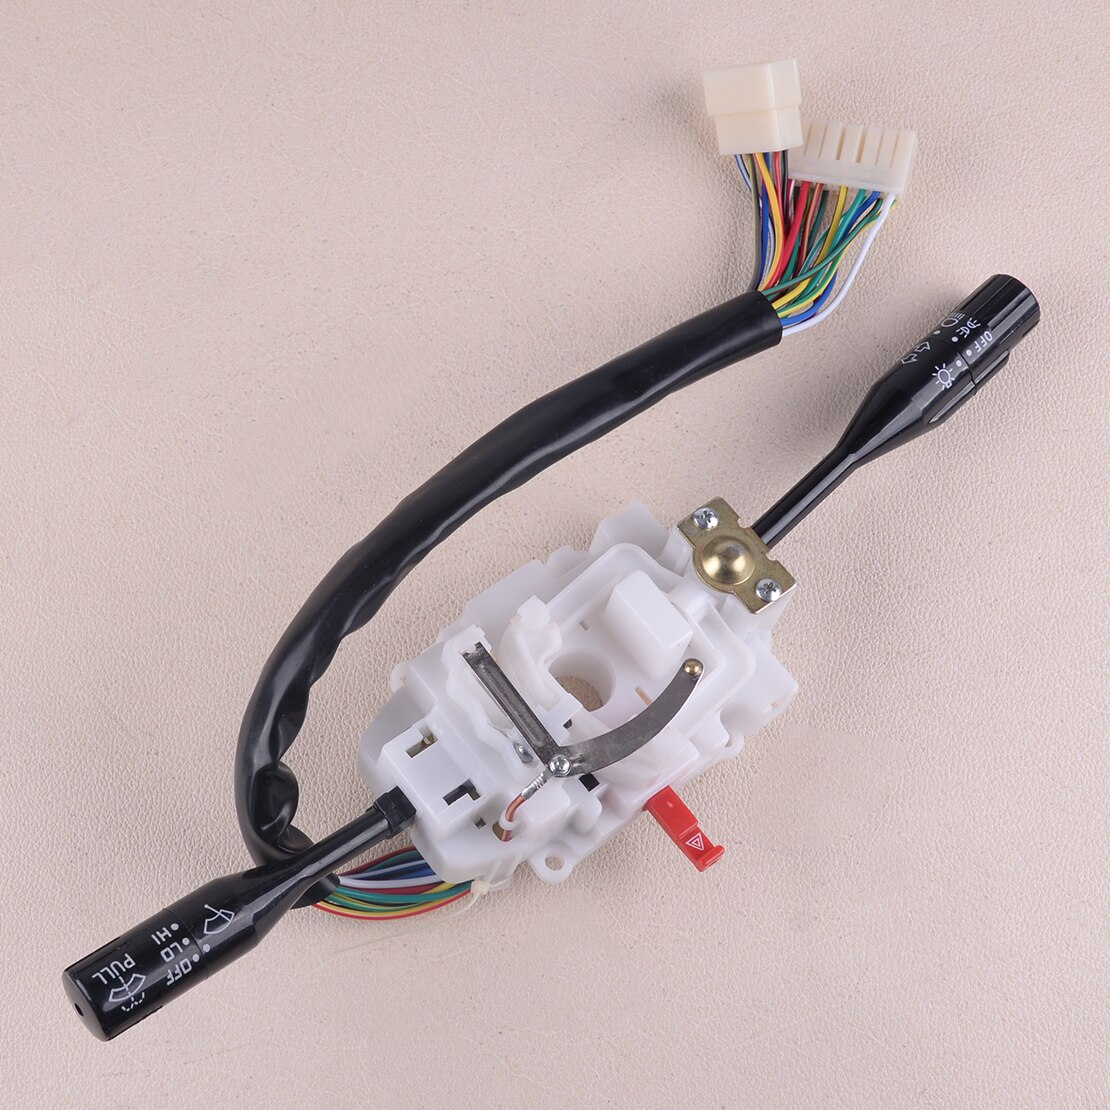 Комбинированный Переключатель CITALL LHD подходит для Suzuki SJ410 EXTRA 1000C.C 37400-83410 3740083410 автомобиля